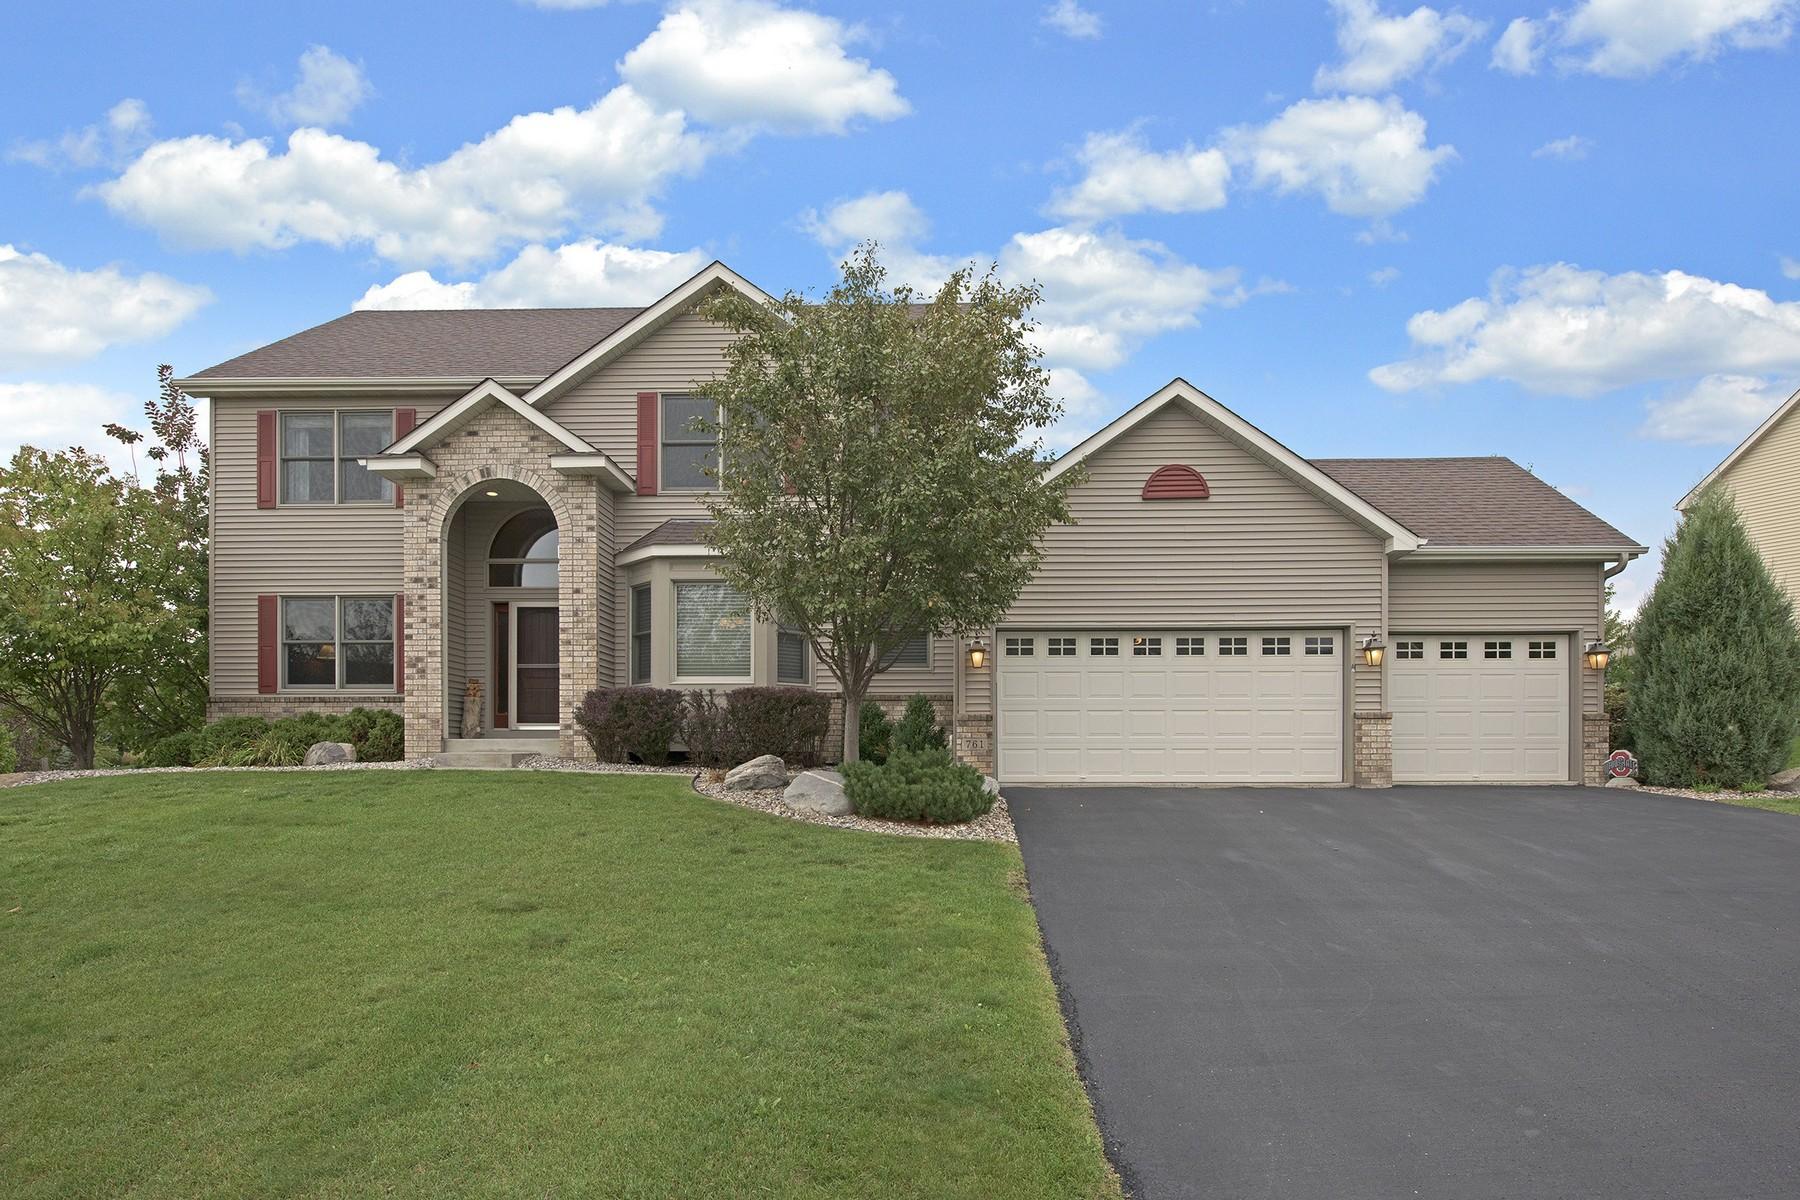 Maison unifamiliale pour l Vente à 761 Applewood Circle Victoria, Minnesota 55386 États-Unis